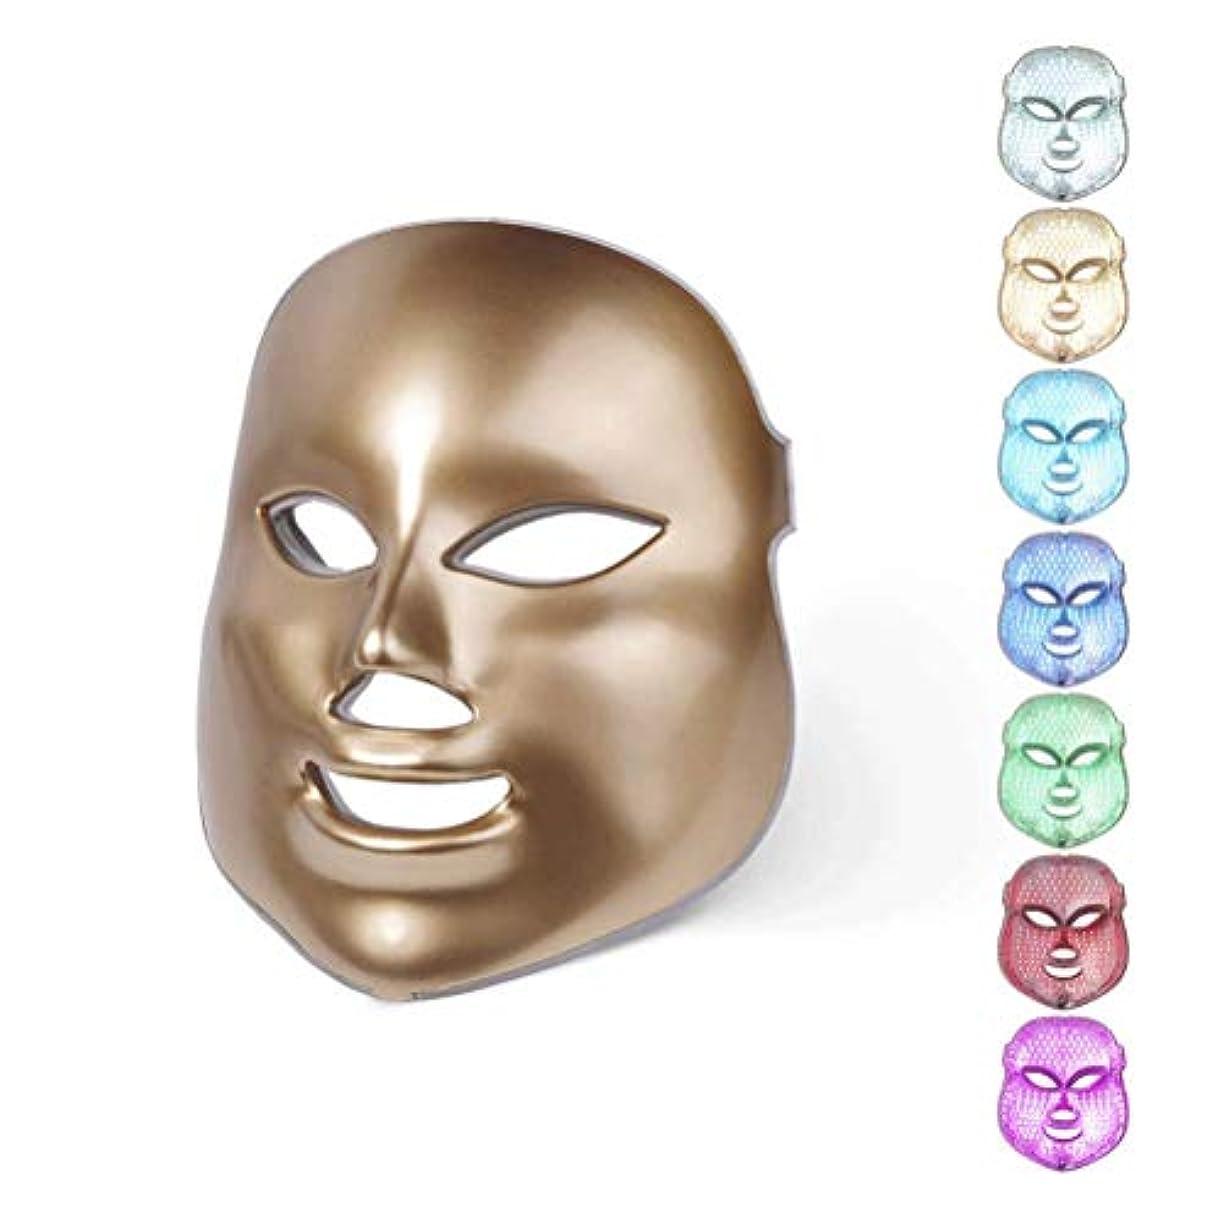 けがをする辛い下線7カラーライトセラピーフェイスマスクは、LEDライトフェイスフォトンは、にきび削減リンクル肌の若返りのために毛穴スキンケアセラピー?フェイシャル美容サロンPDT技術を締めマスク